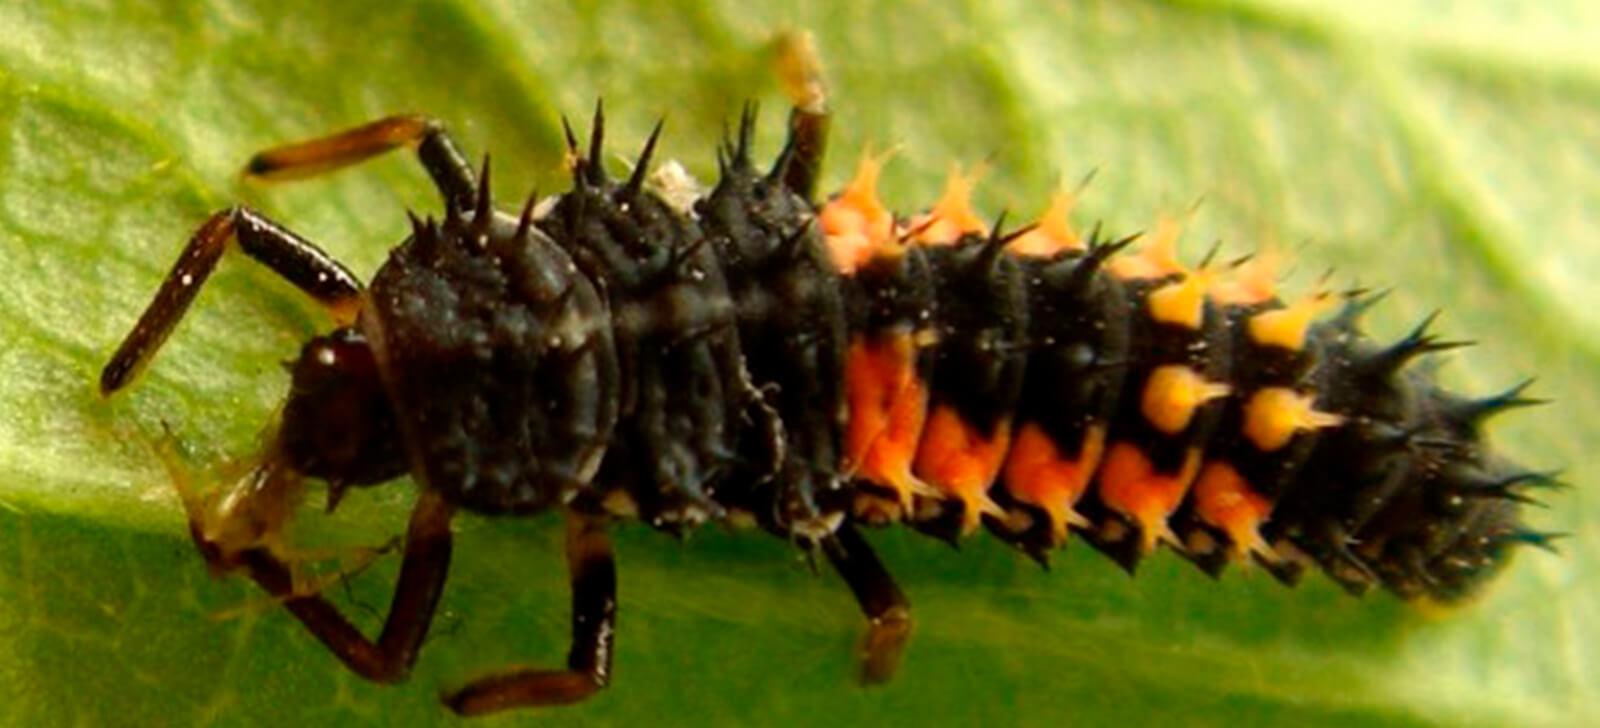 promip manejo integrado de pragas controle biologico joaninhas na horta protecao eficaz contra pulgoes (5)